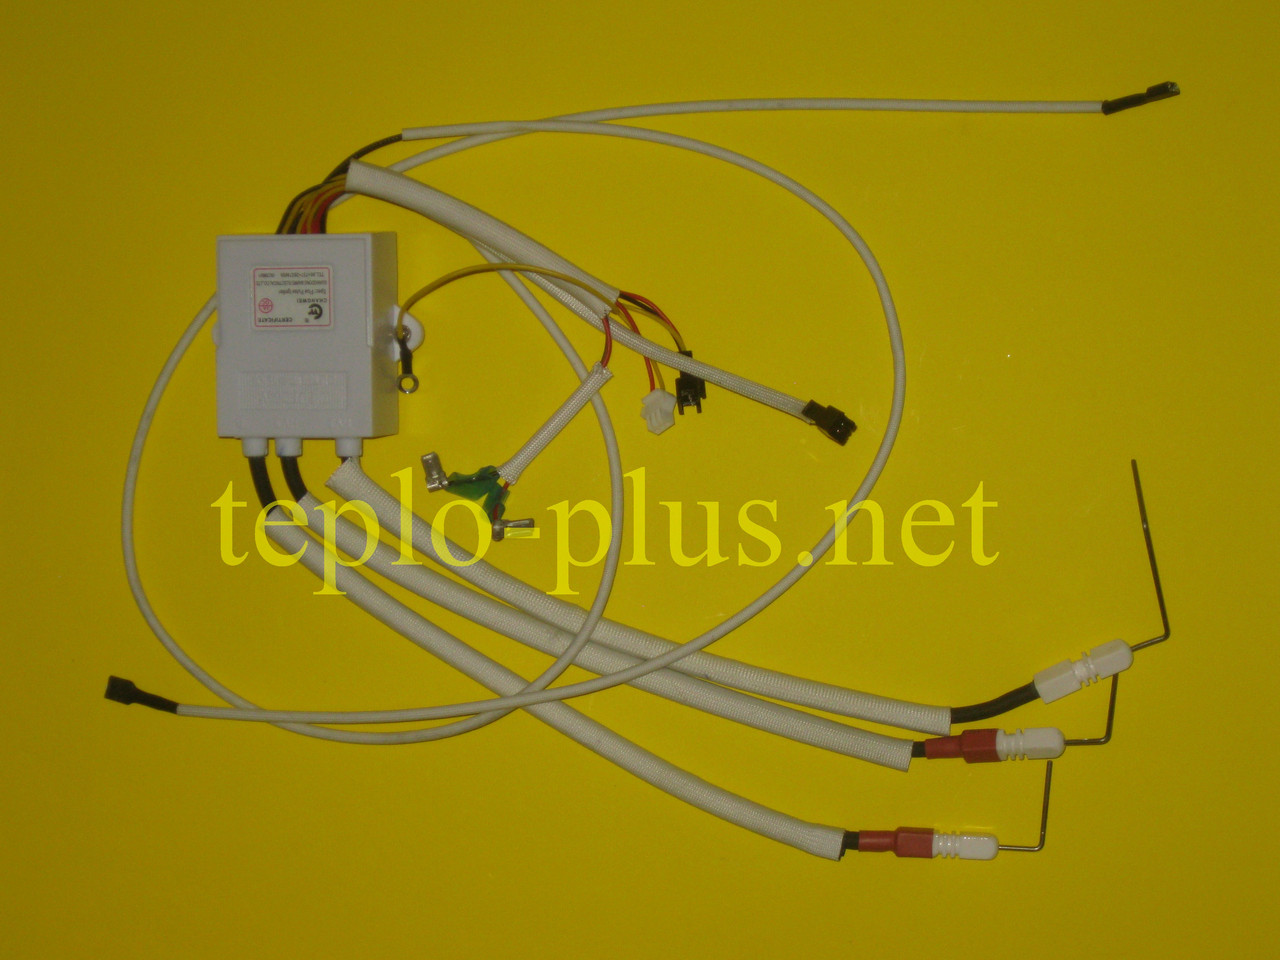 Электронный блок управления D004099754 Demrad Compact SC 275 SEI LCD